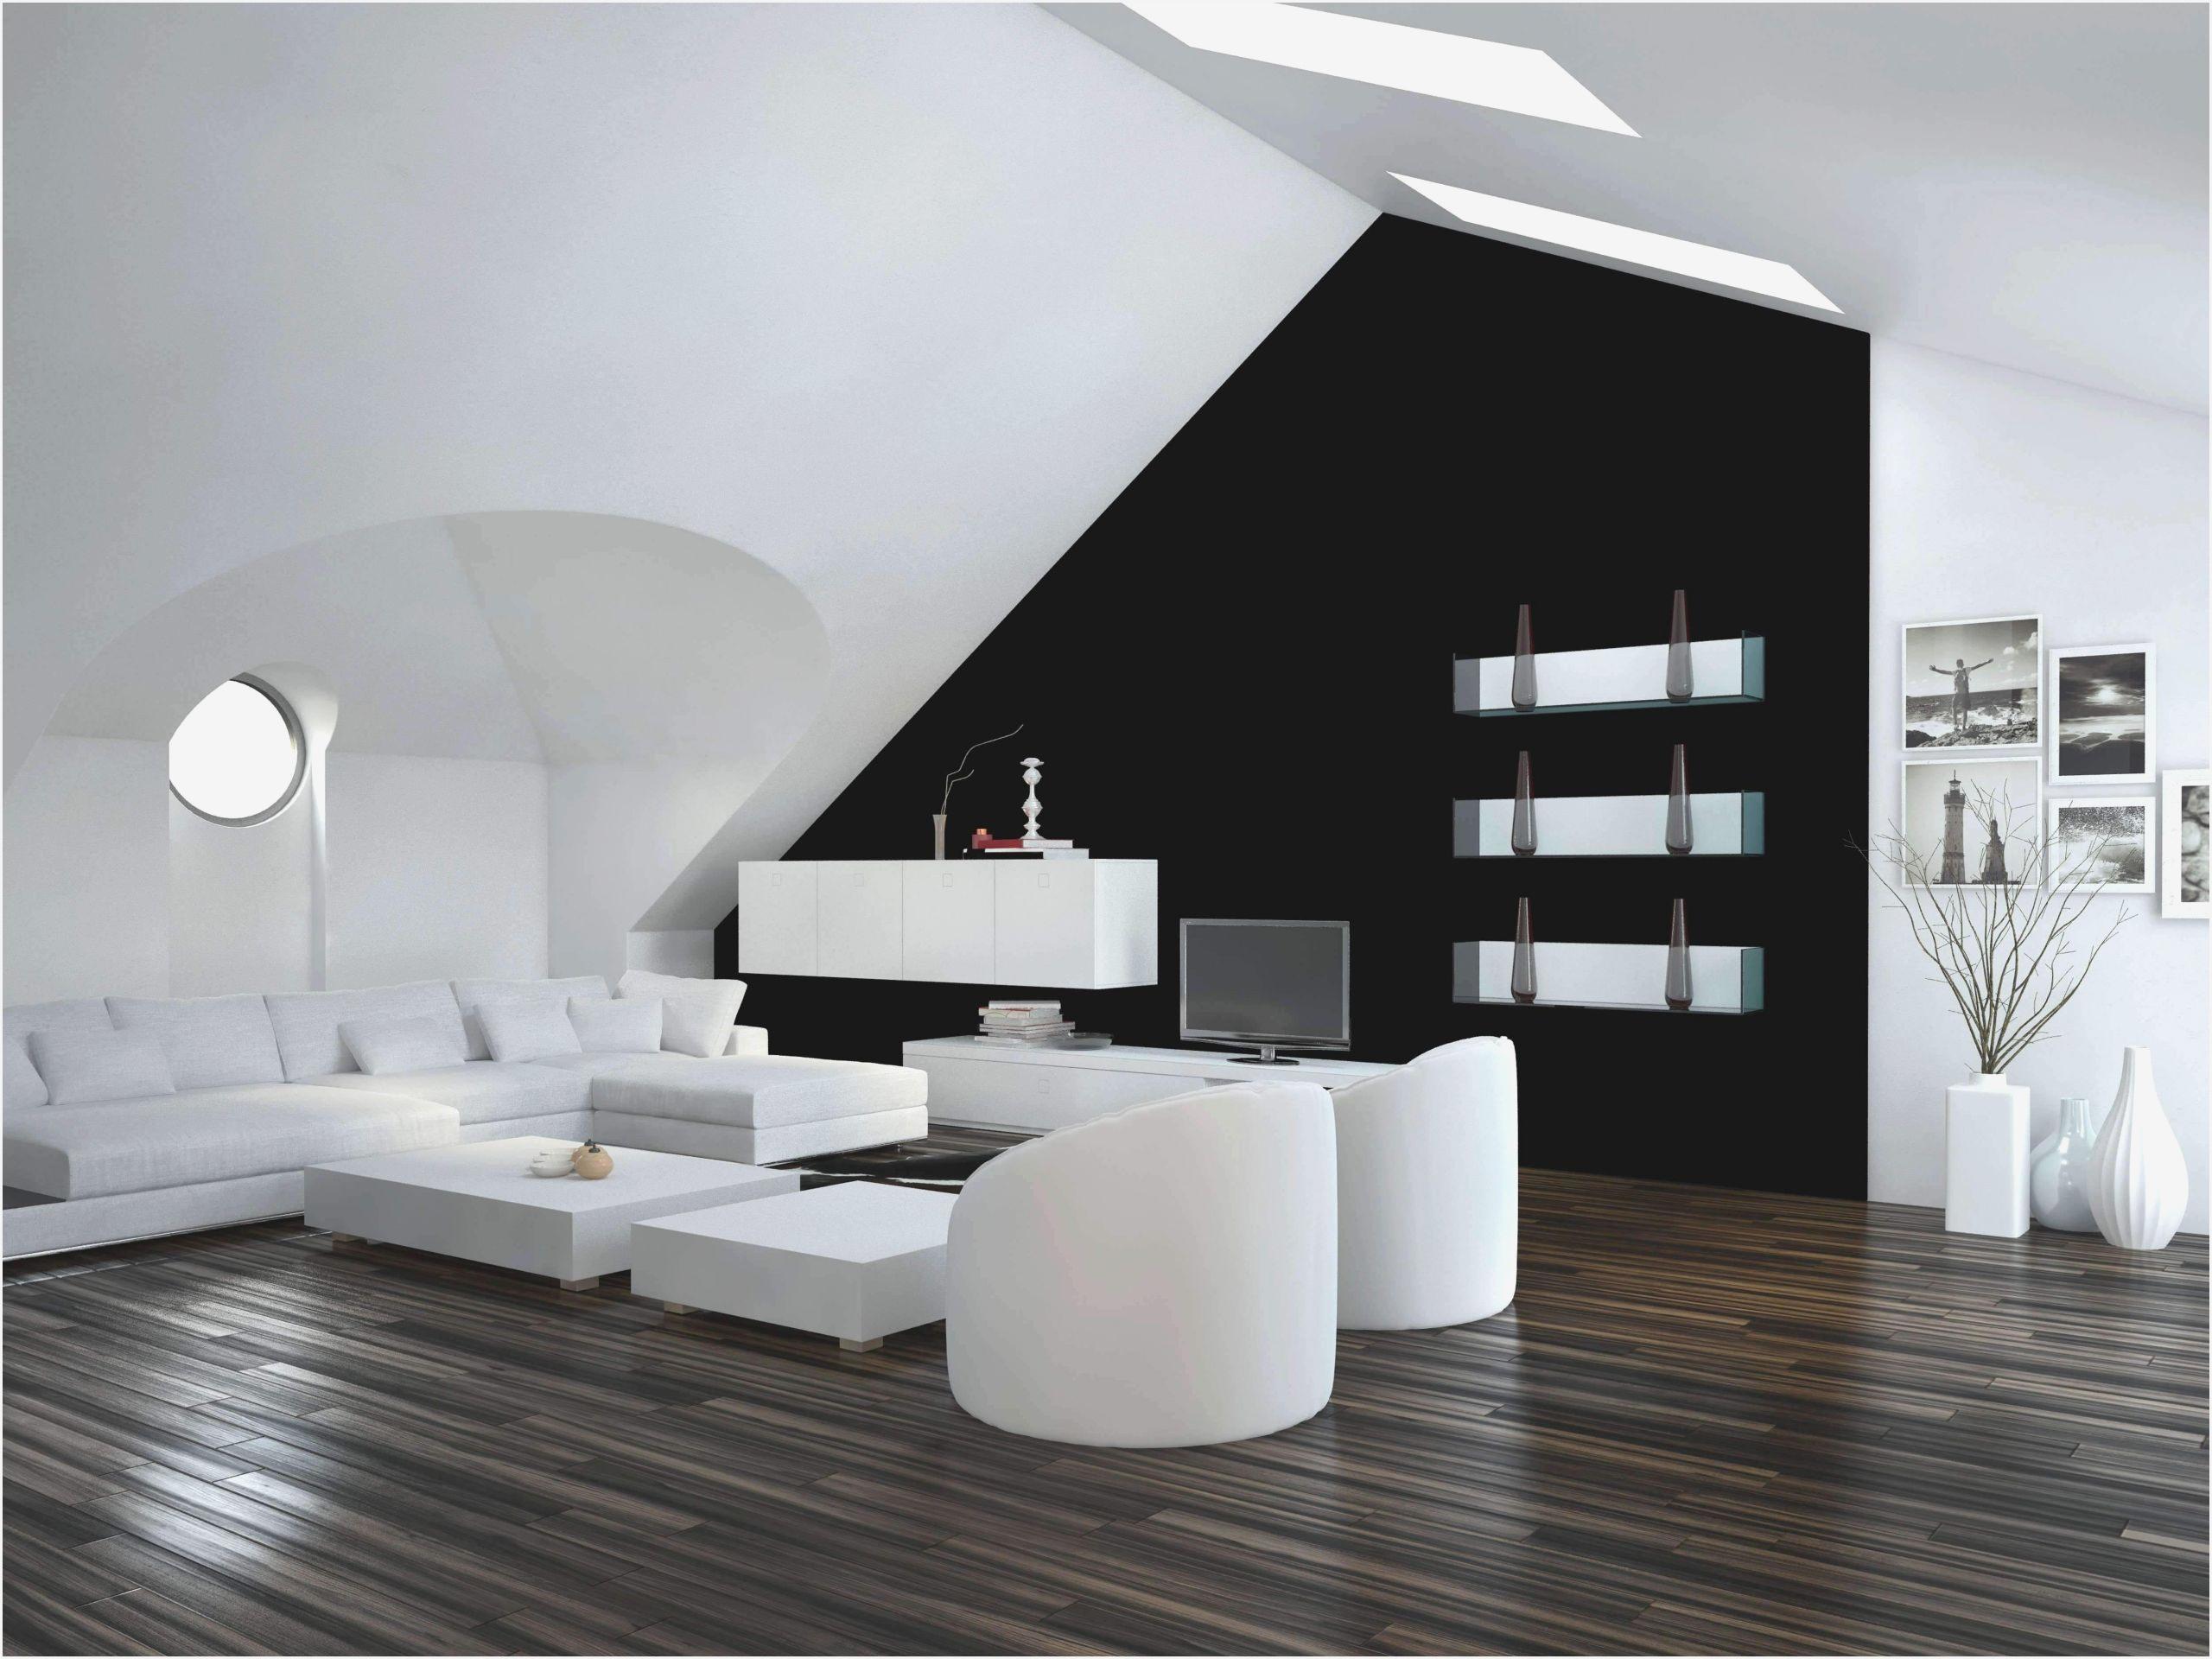 Full Size of Wanddeko Ideen Deko Wohnzimmer Traumhaus Tapeten Küche Bad Renovieren Wohnzimmer Wanddeko Ideen